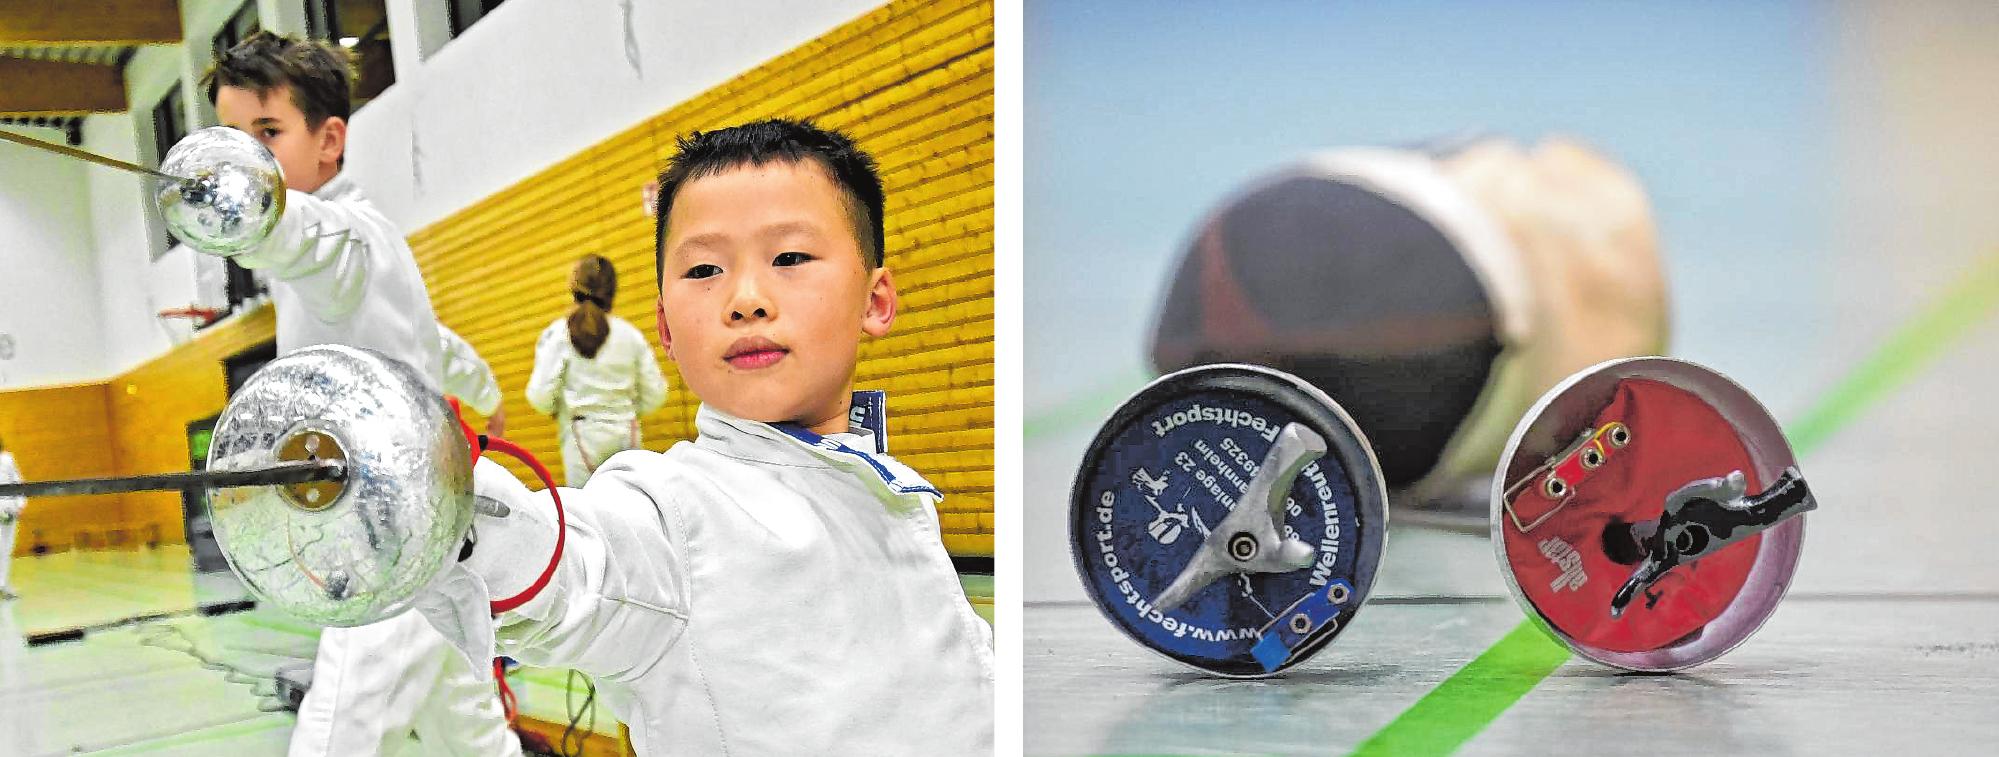 Max (l.) und Haomeng sind begeisterte Fechter bei der SSG Bensheim. Mit sieben Jahren ist Haomeng der derzeit jüngste Aktive in der Abteilung. / Bilder: Dietmar Funck, Thomas Neu